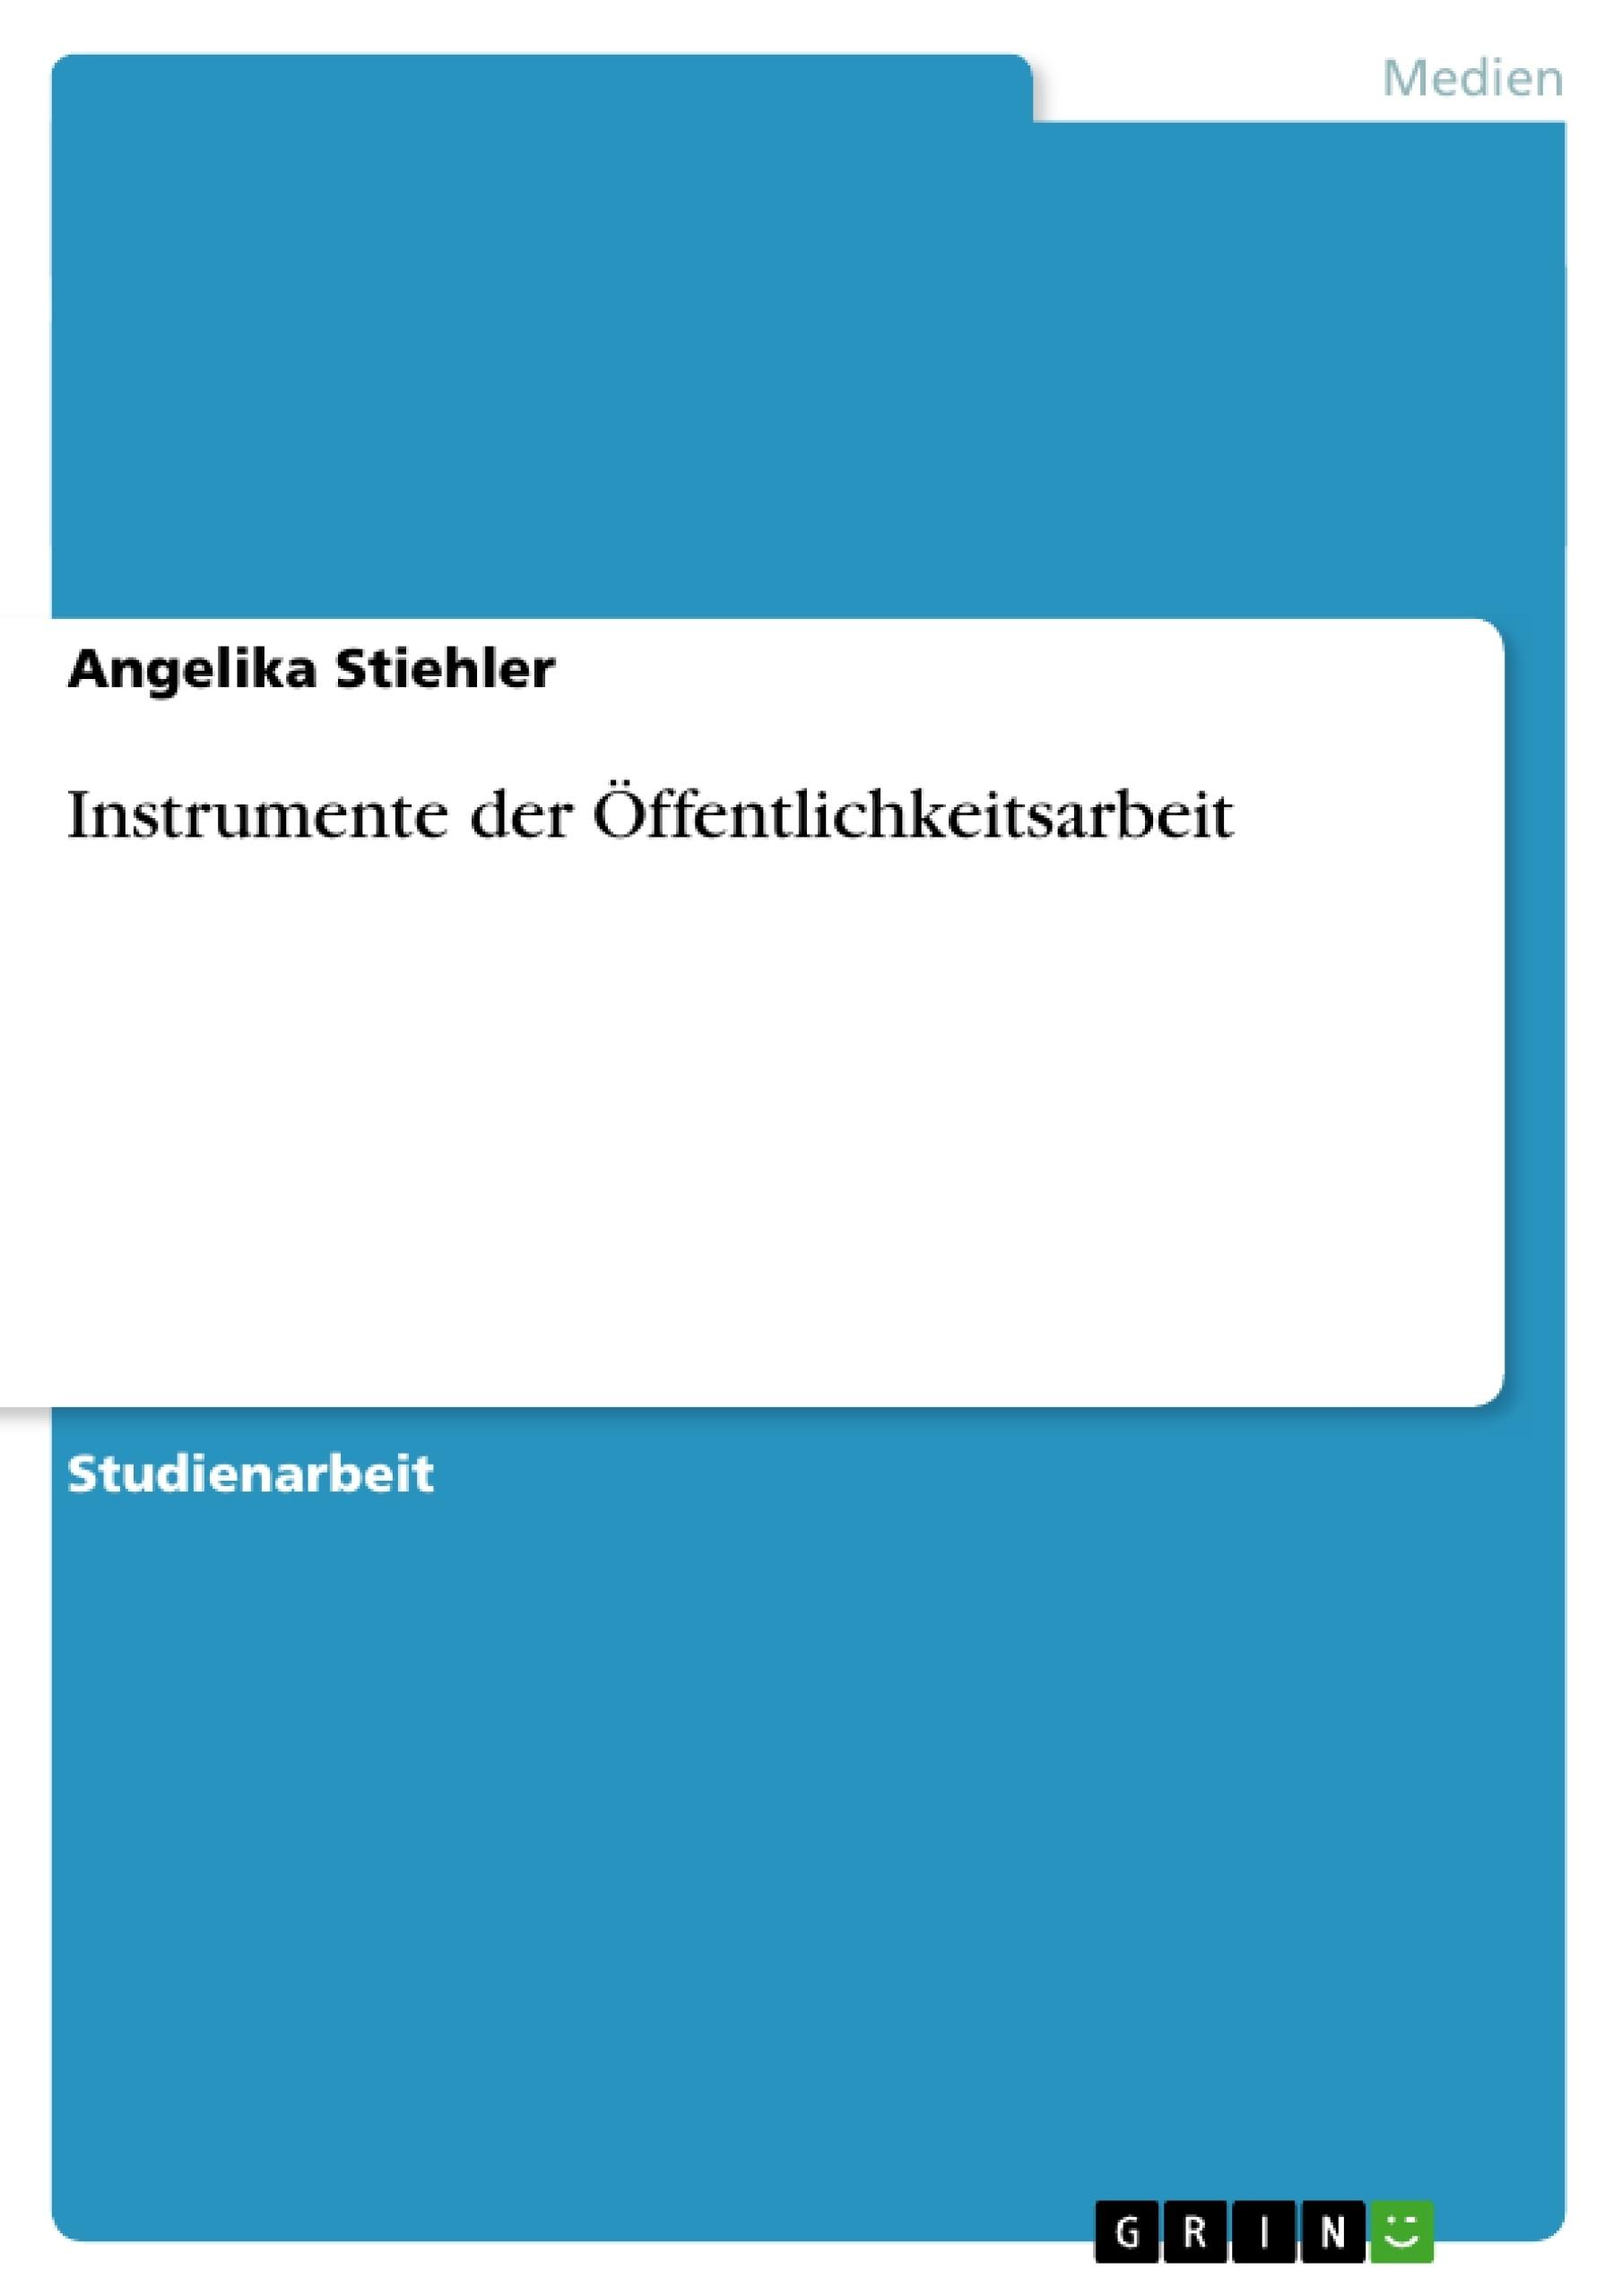 Titel: Instrumente der Öffentlichkeitsarbeit